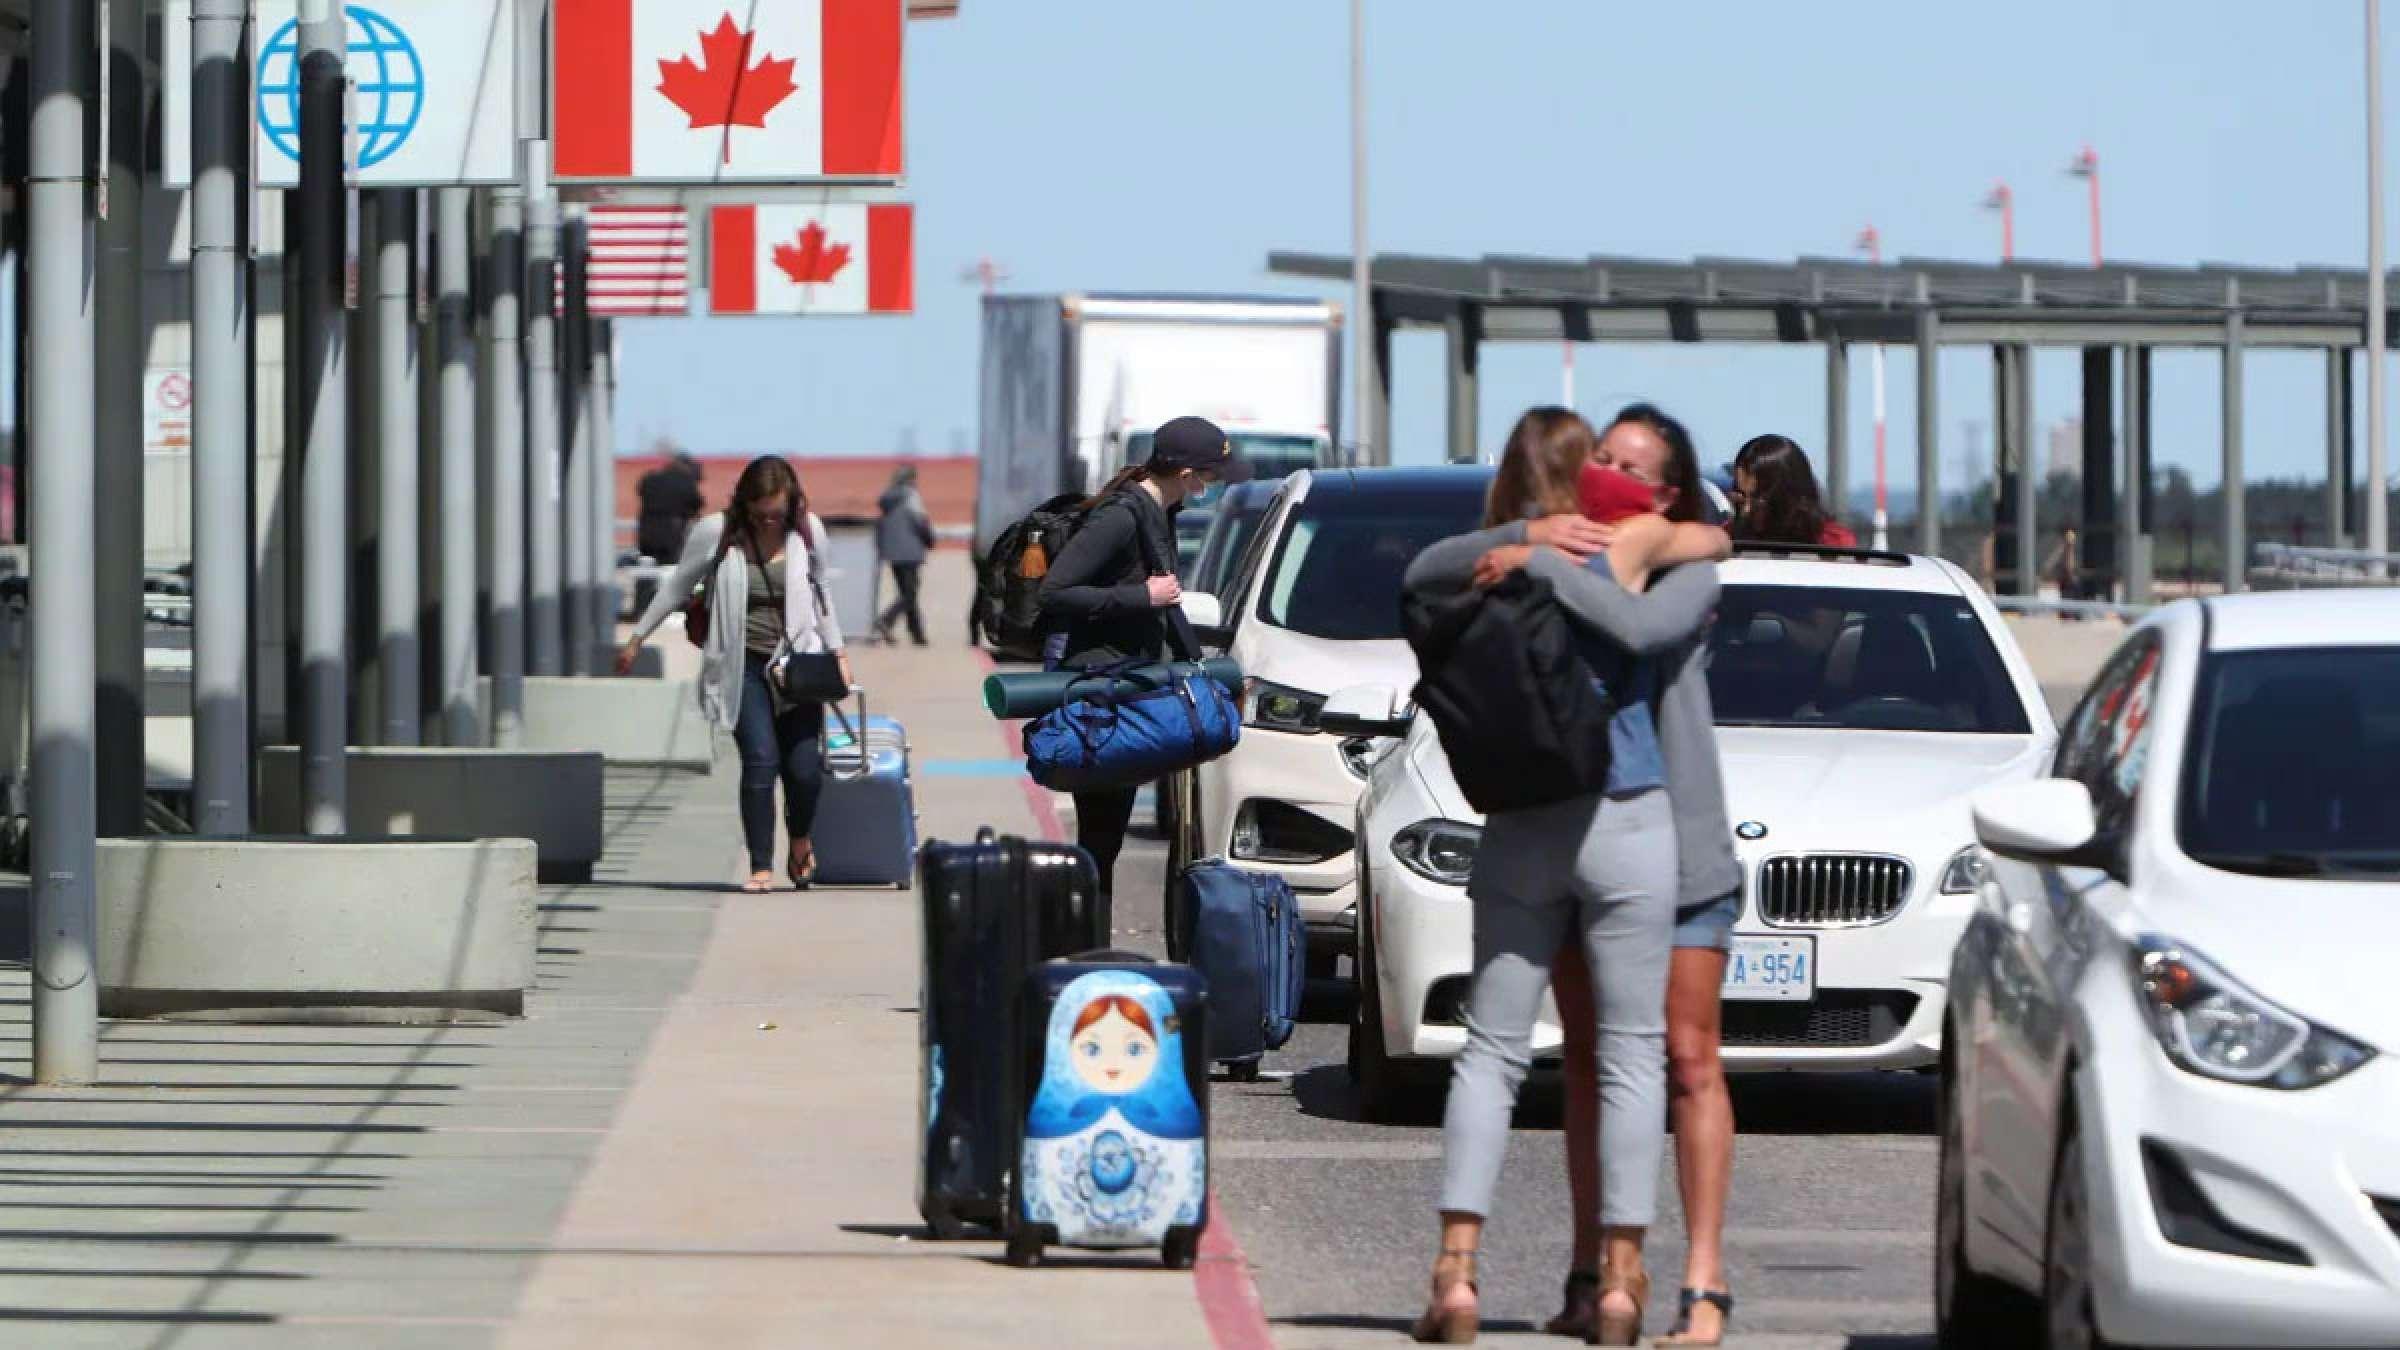 خبر-کانادا-مرزهایش-را-به-روی-آمریکا-و-دنیا-با-چند-قانون-جدید-باز-کرد